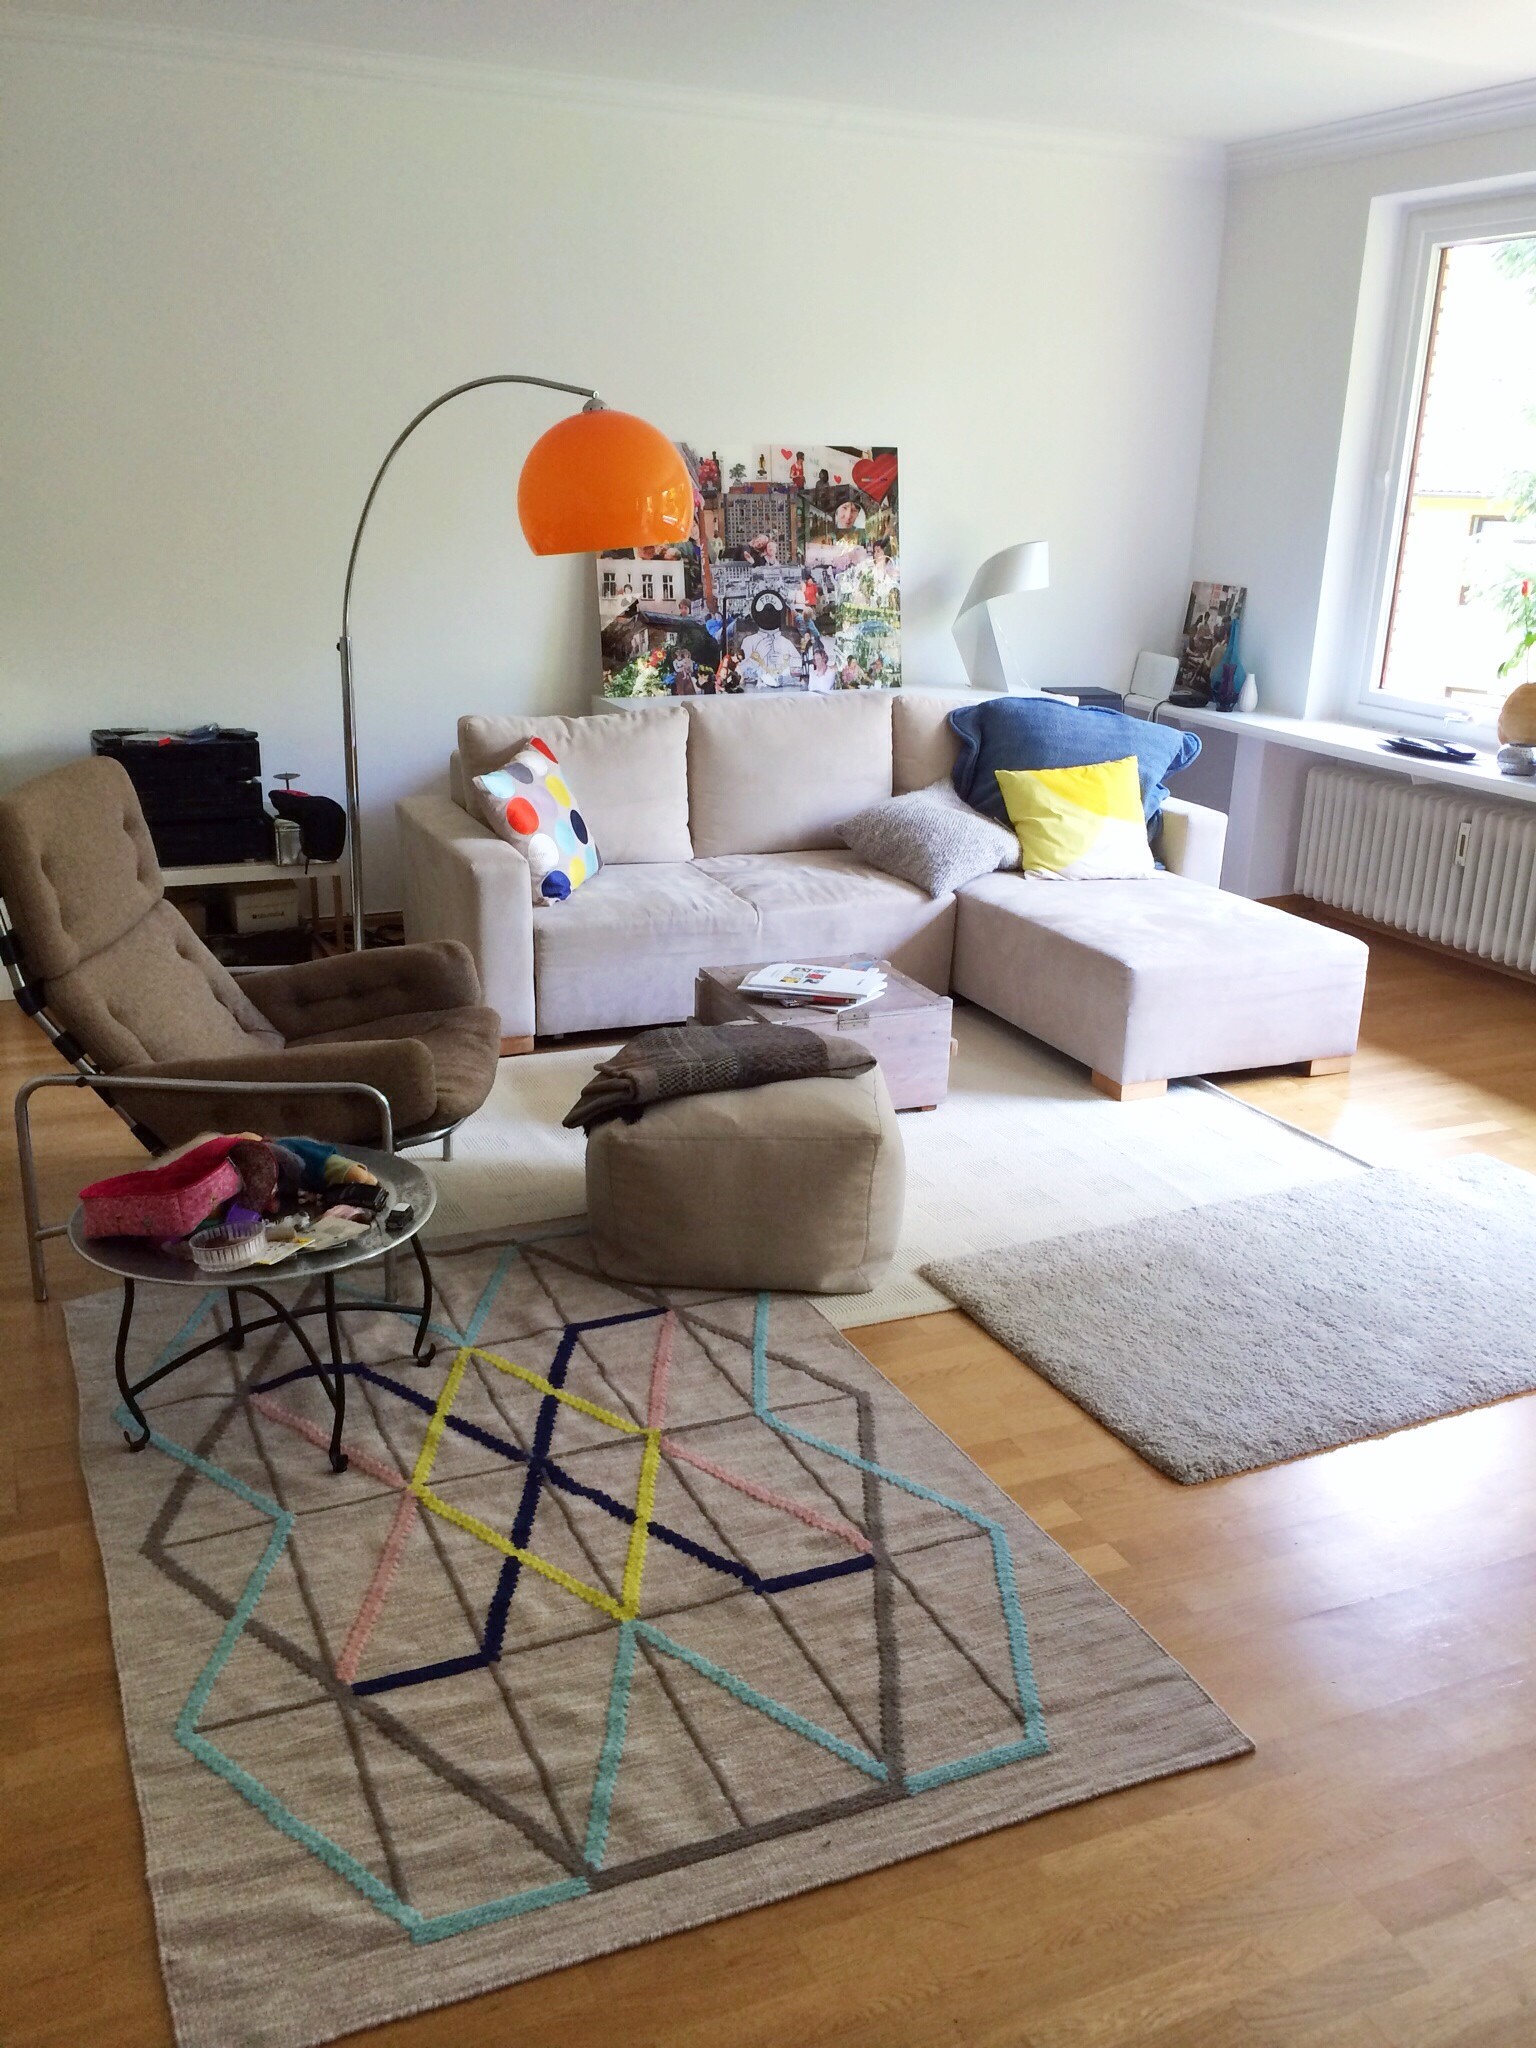 Noch unfertig aber schon schön: Das Wohnzimmer entwickelte, allein über die richtige Stellung der Sitzgruppe, ein paar Farbakzente und die collagenhafte Anordnung der Teppiche, plötzlich Wohnlichkeit und Atmosphäre.